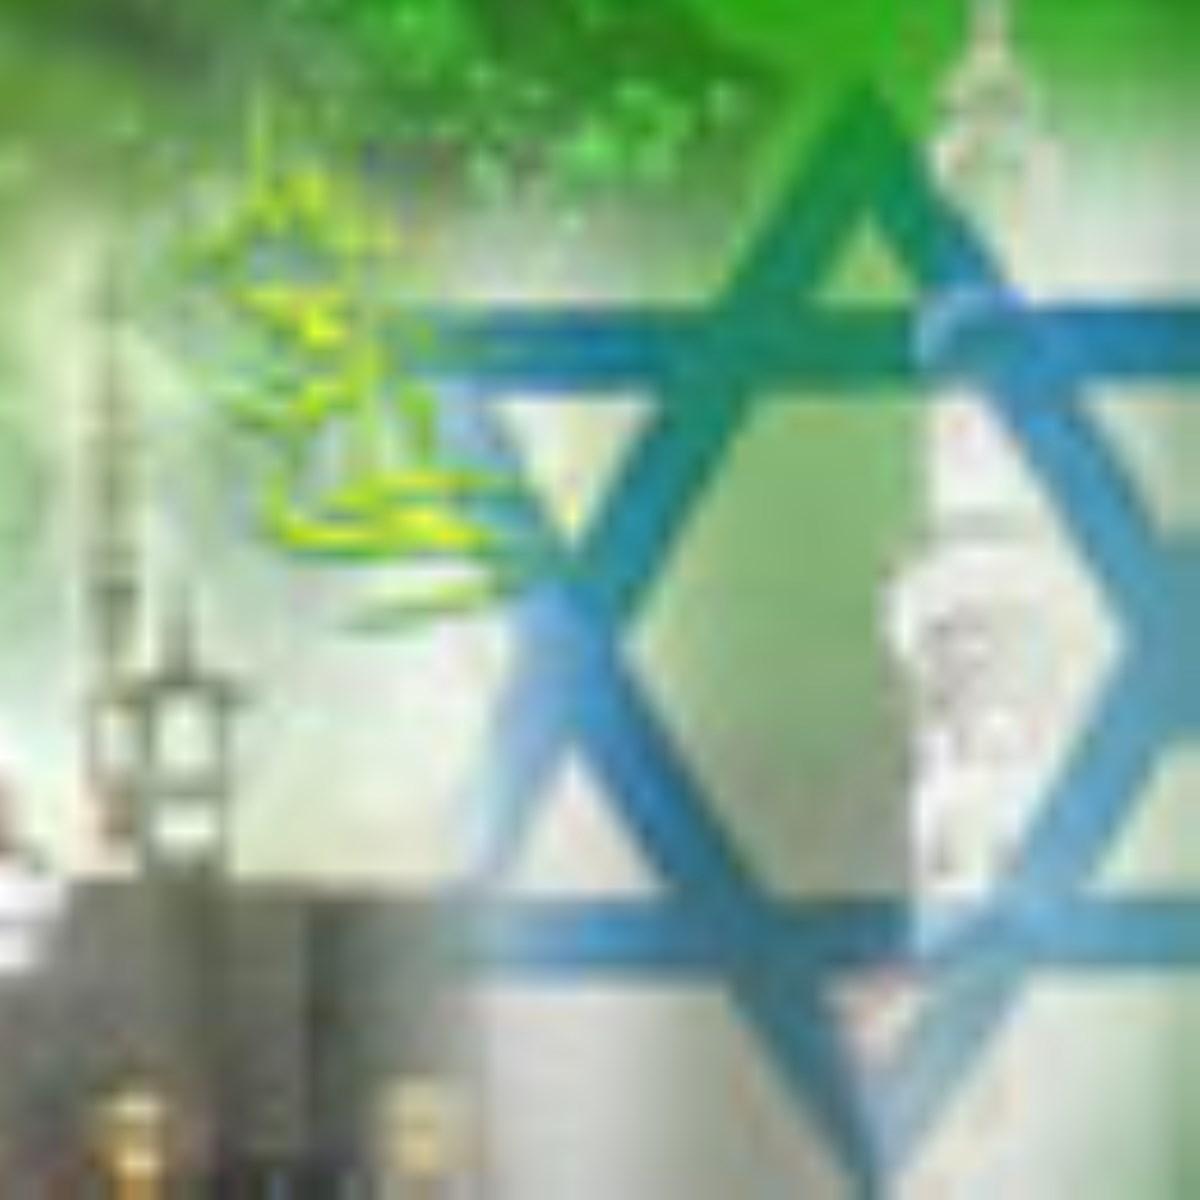 بررسی رویارویی های پیامبر اکرم (صلی الله علیه و آله ) با جبهه ی یهود-بخش دوم